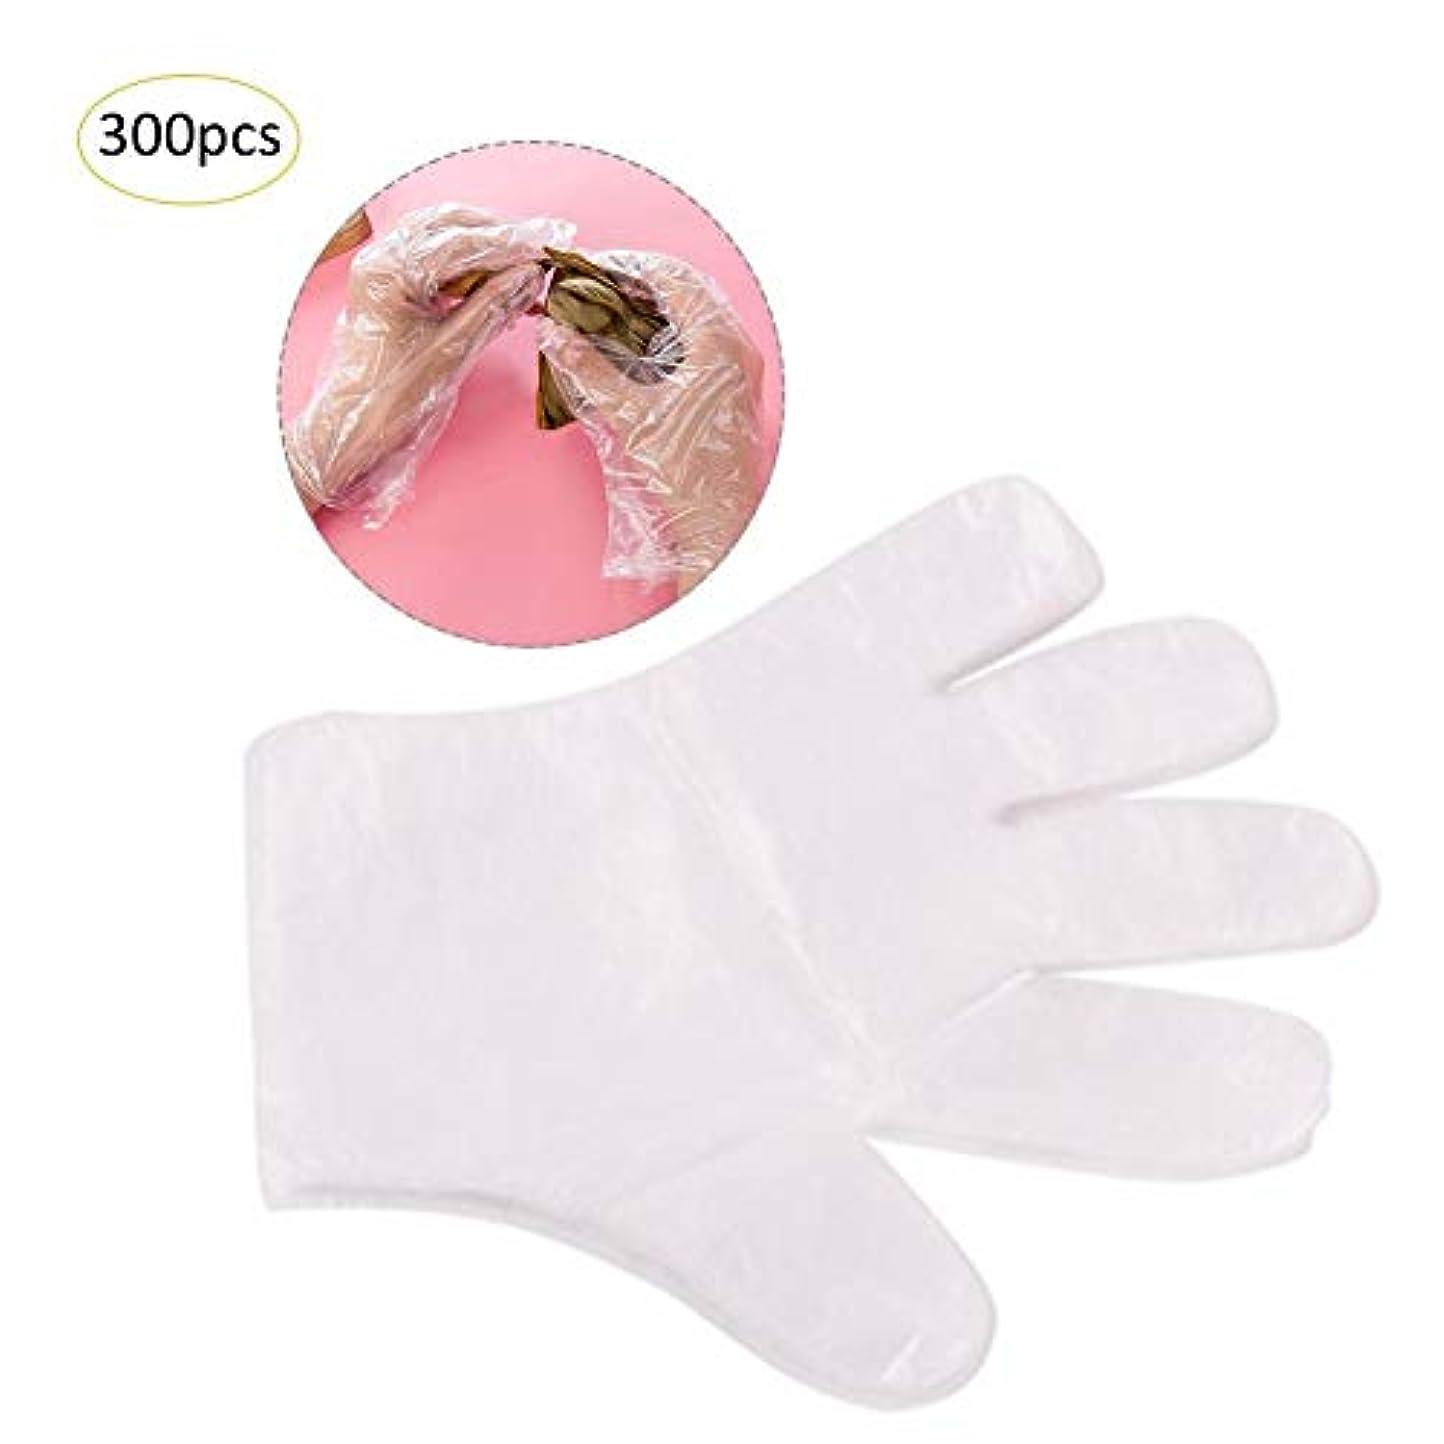 ハンカチを除くアカデミック使い捨て手袋 極薄ビニール手袋 食品 実用 調理に?お掃除に?毛染めに 食品衛生法適合 300枚入